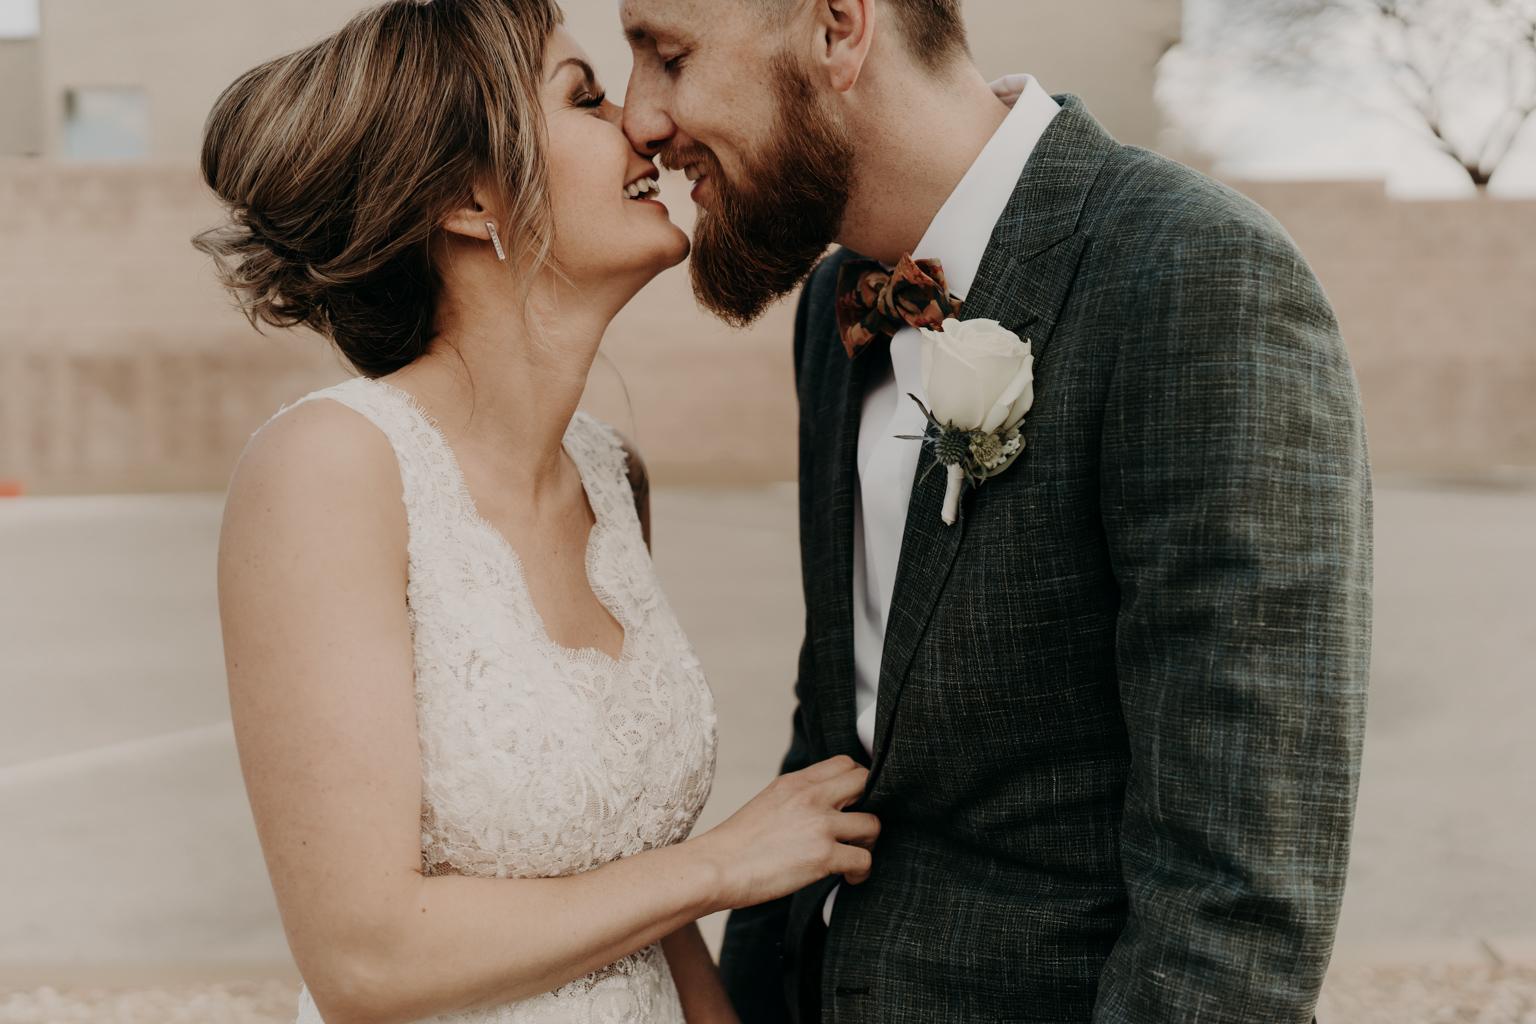 trouweninhetbuitenland_huwelijksfotografie_roxannedankers-39.jpg